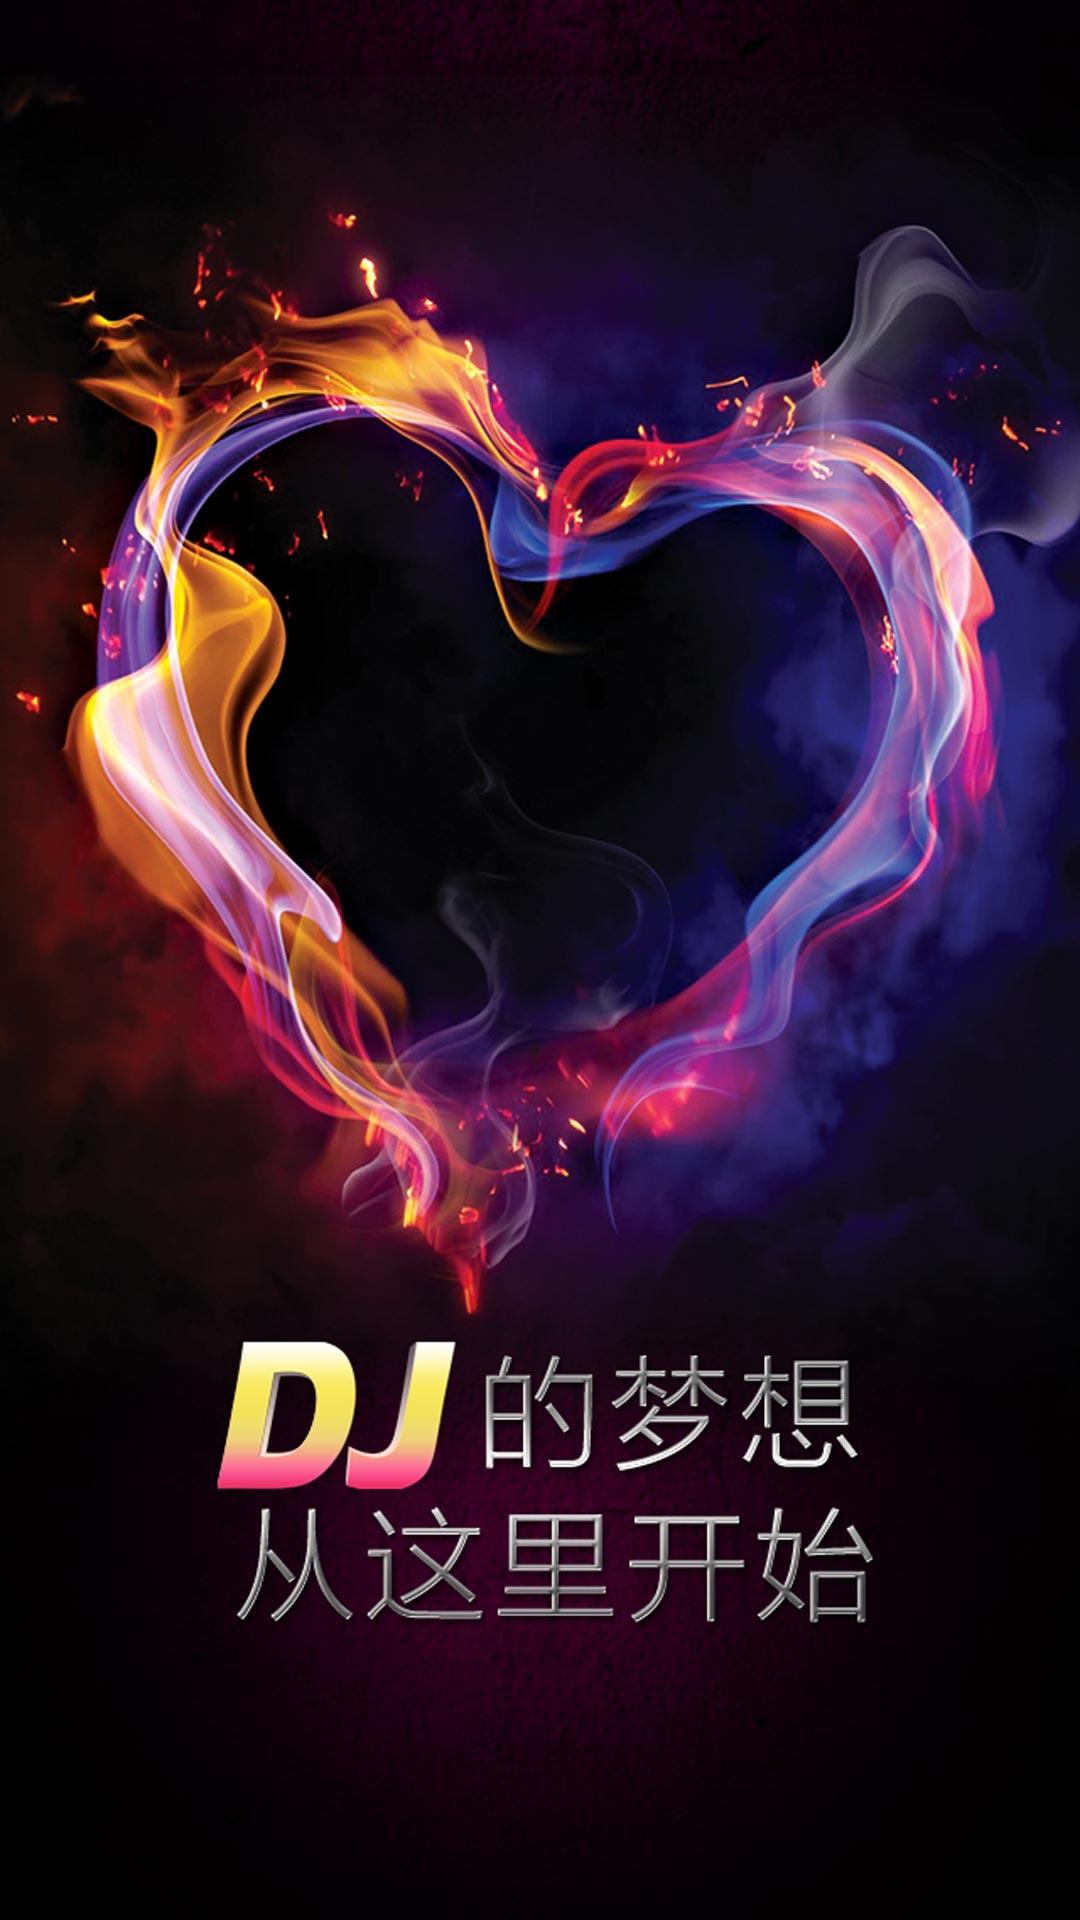 全民dj-音乐电台-安卓android手机软件下载-nearme